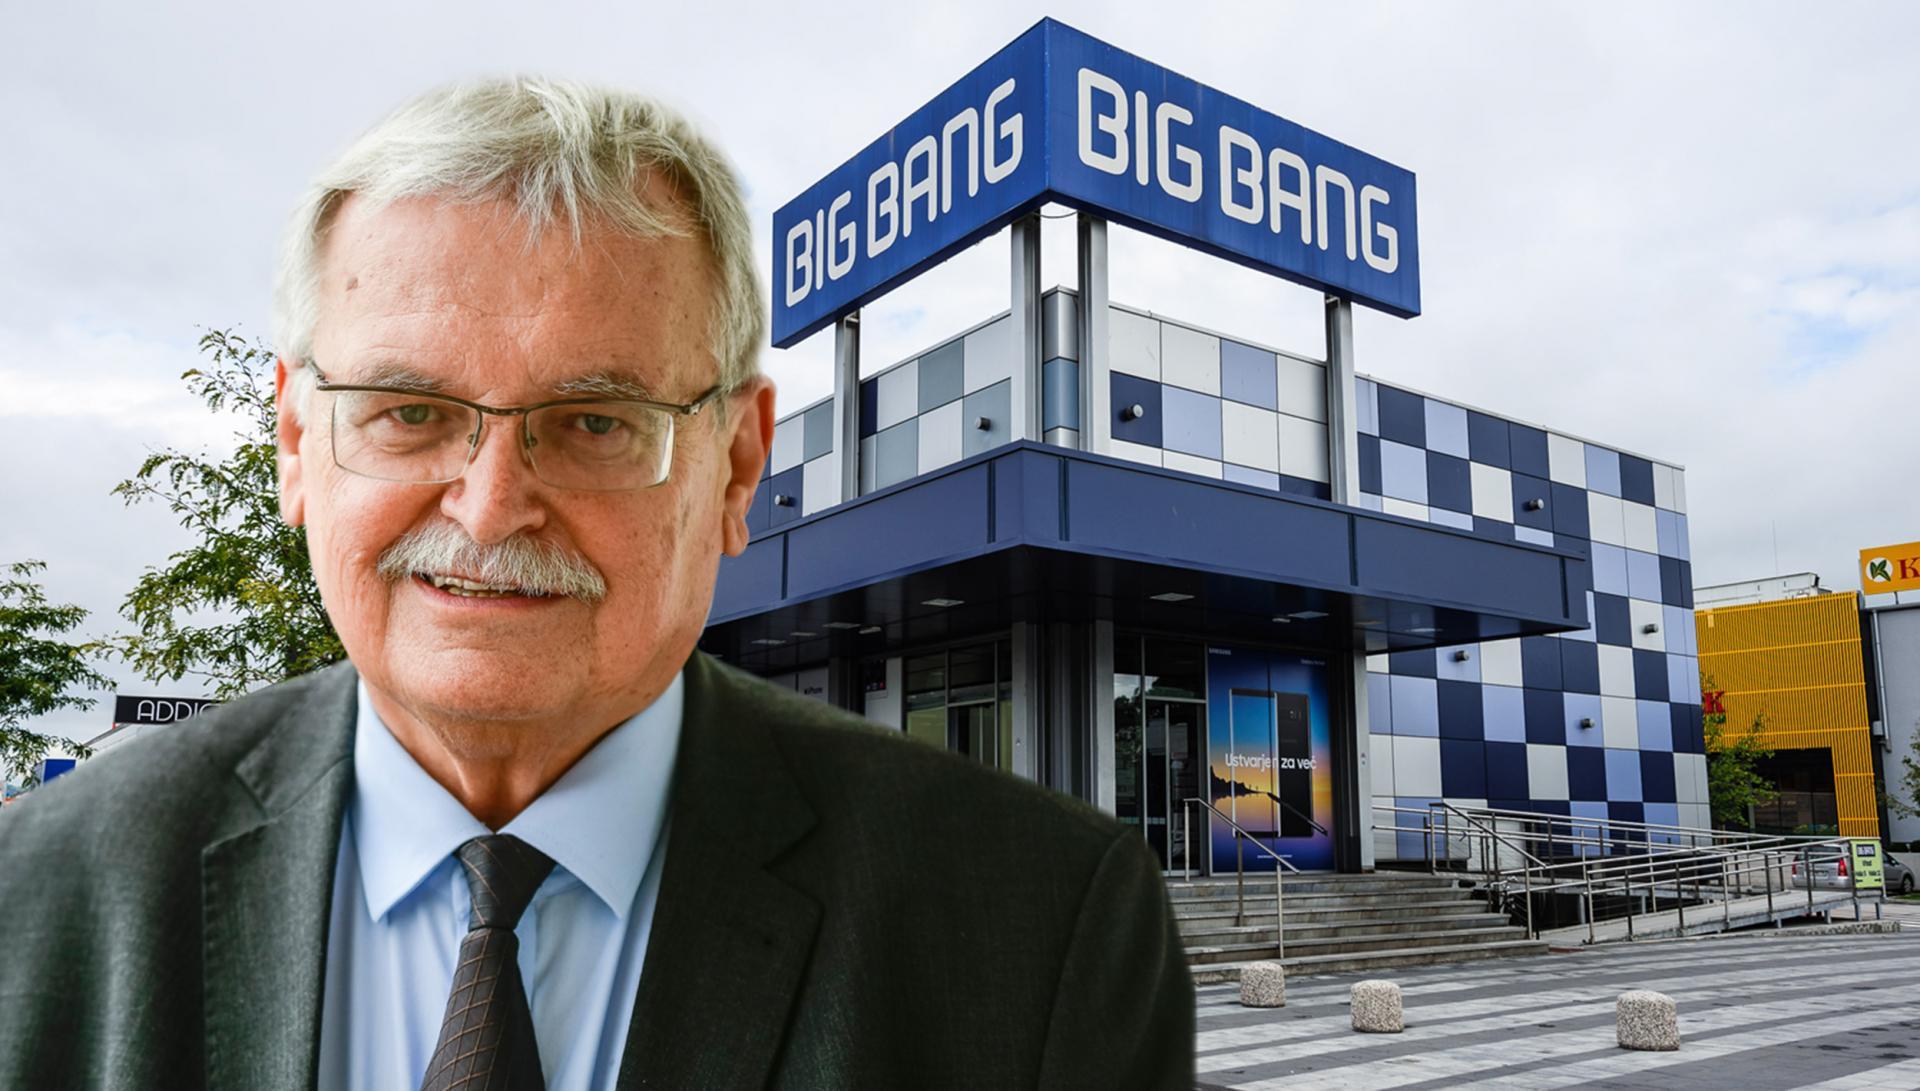 Big Bang gre v roke Darka Klariča in ciprskega investitorja